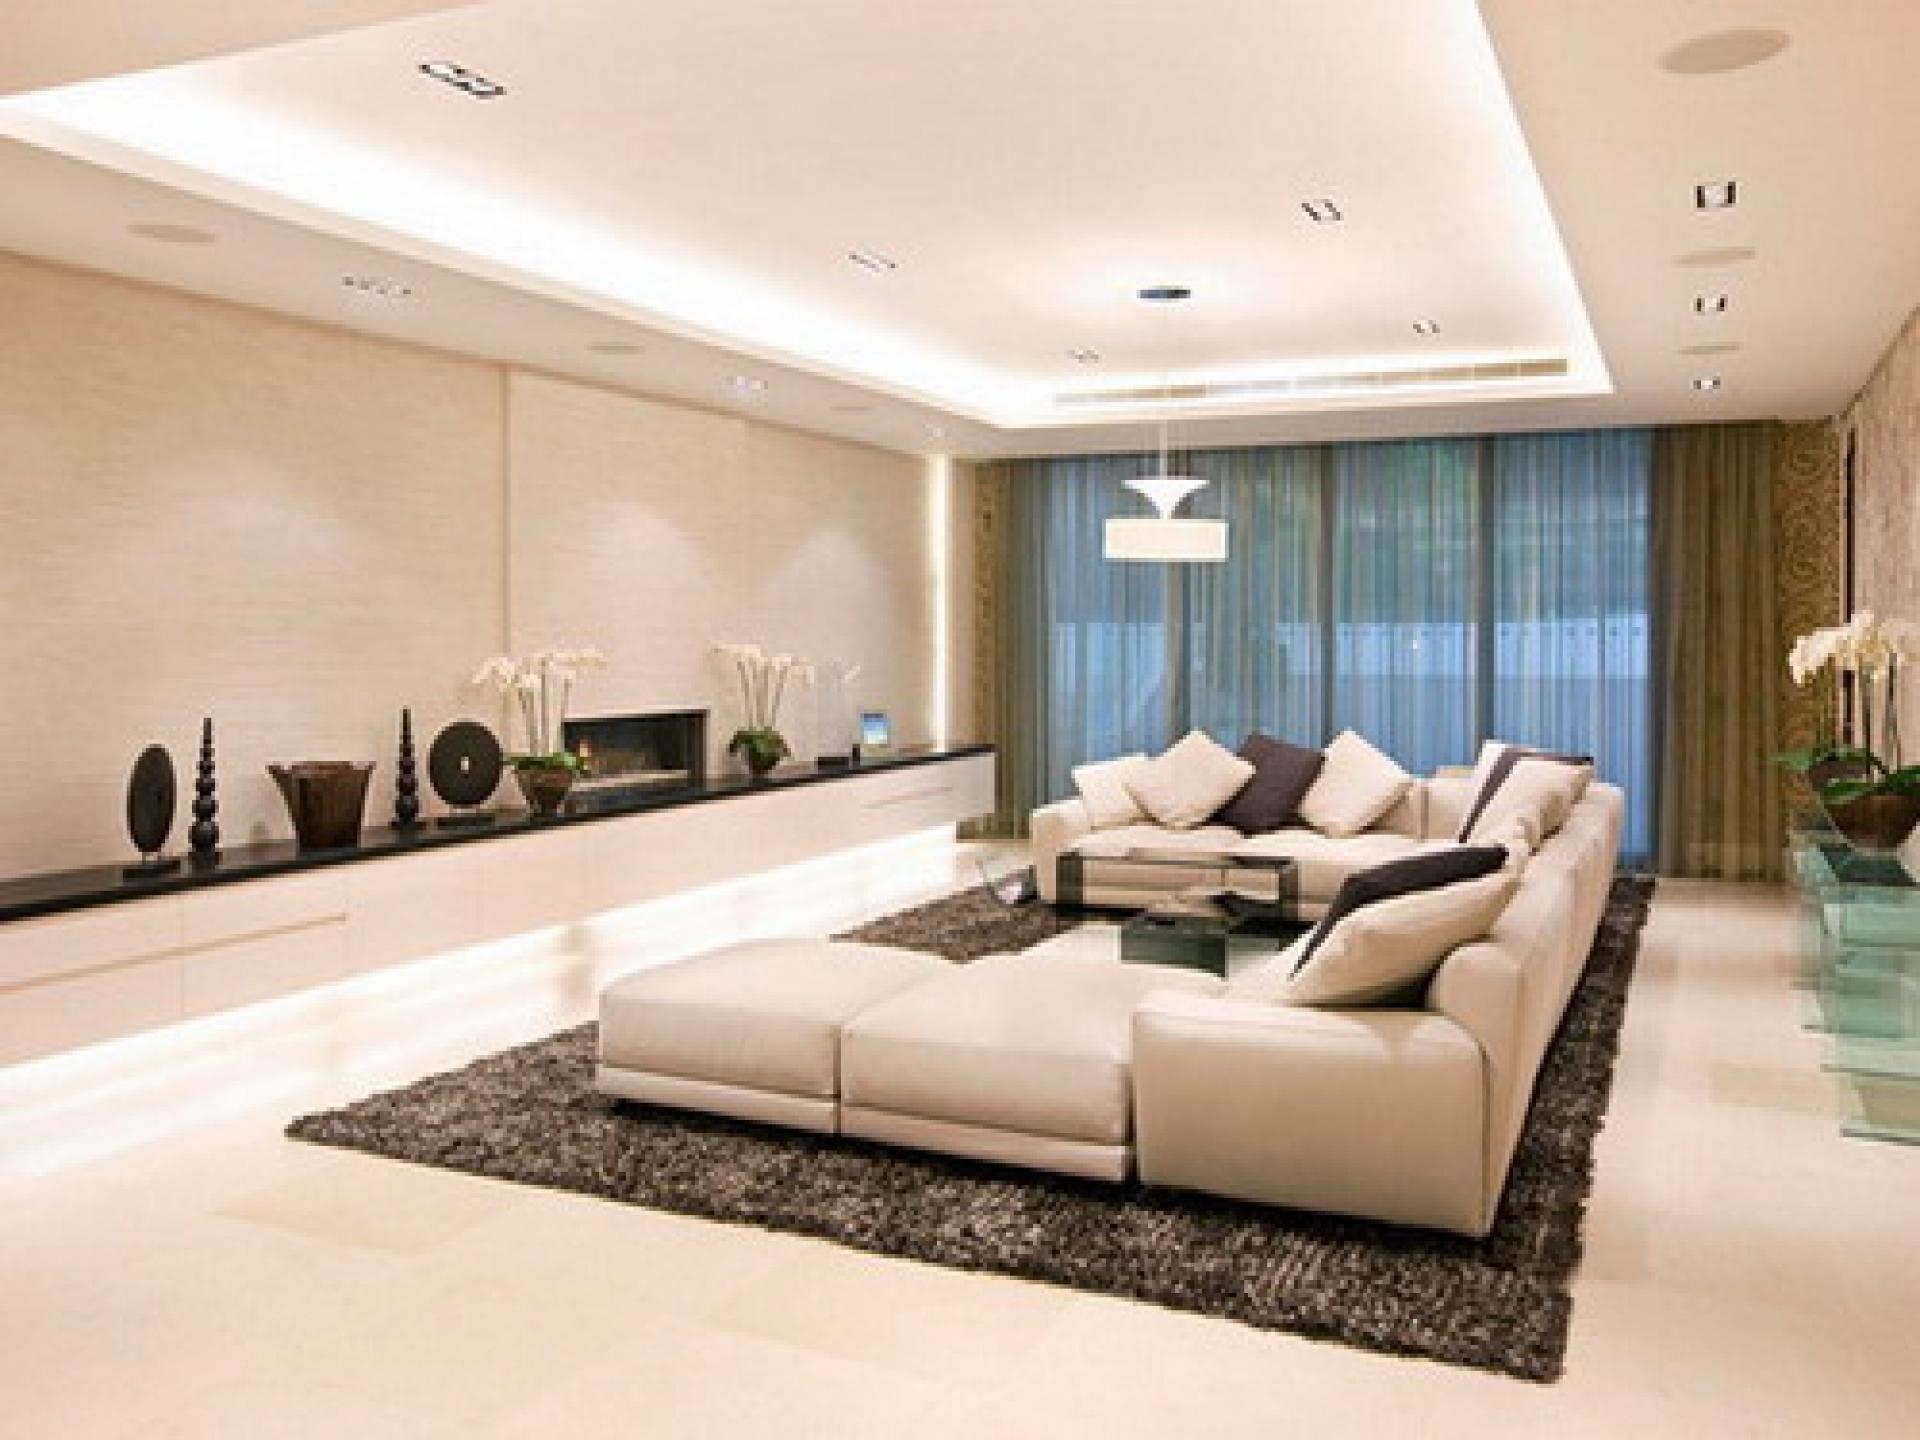 Lighting For Living Room Ceiling Part 66